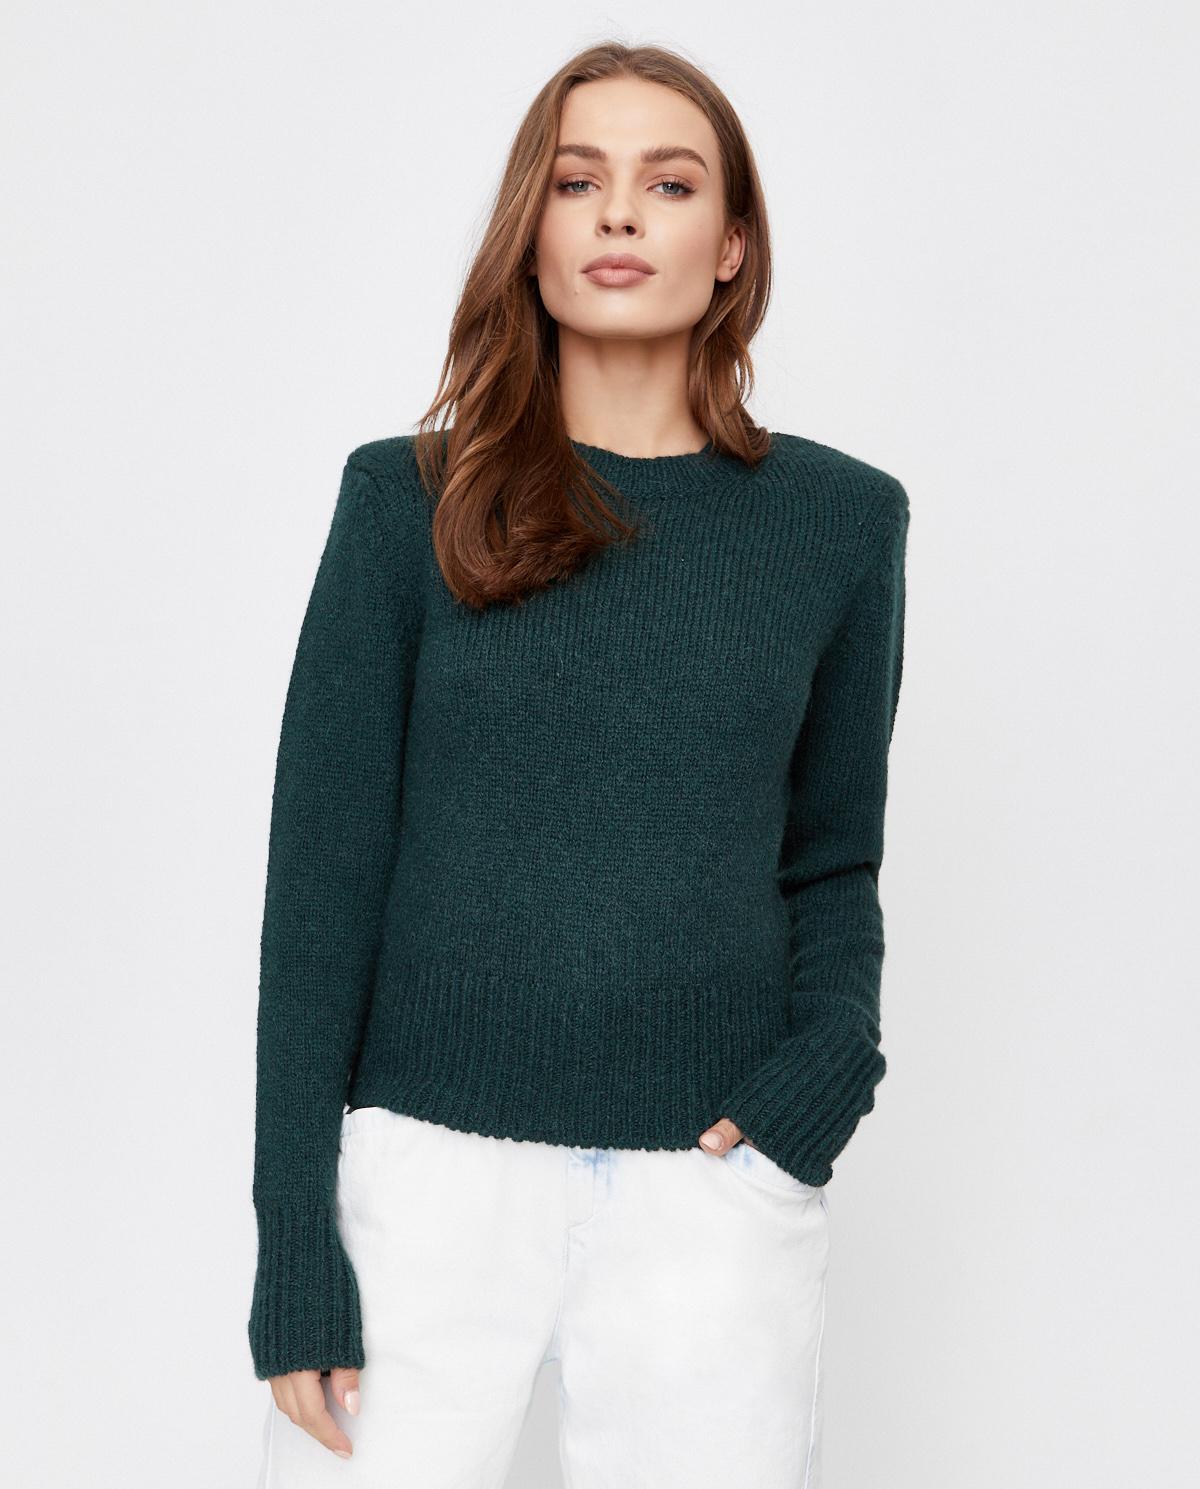 Zielony sweter z wełny Isabel Marant PU1474-20H004I 67DG